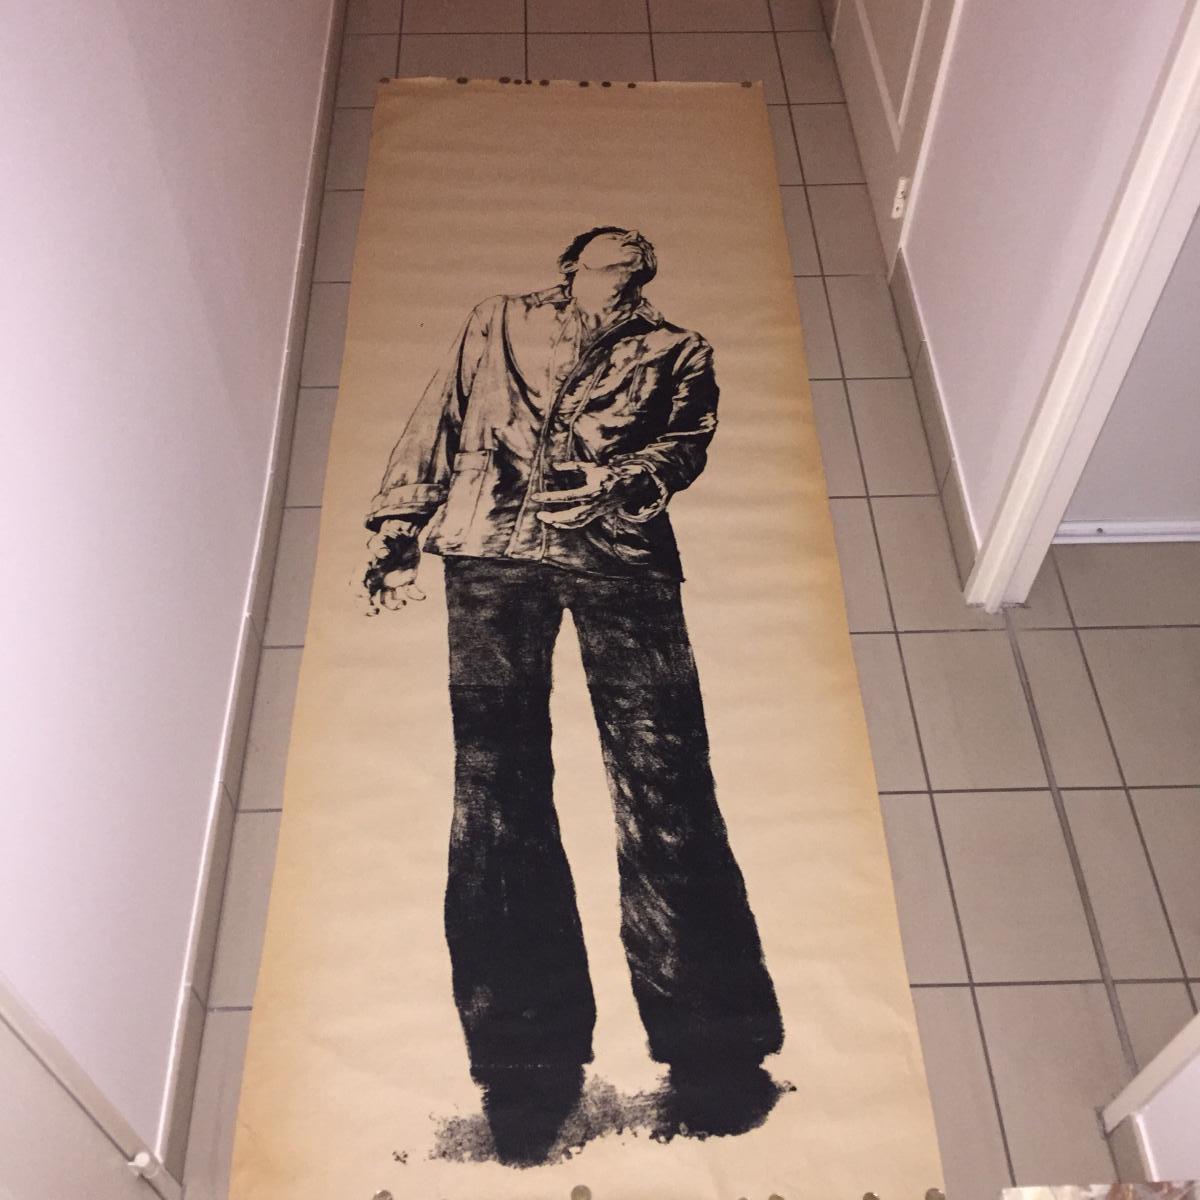 Ernest PIGNON-ERNEST (né En 1942) STREET ART